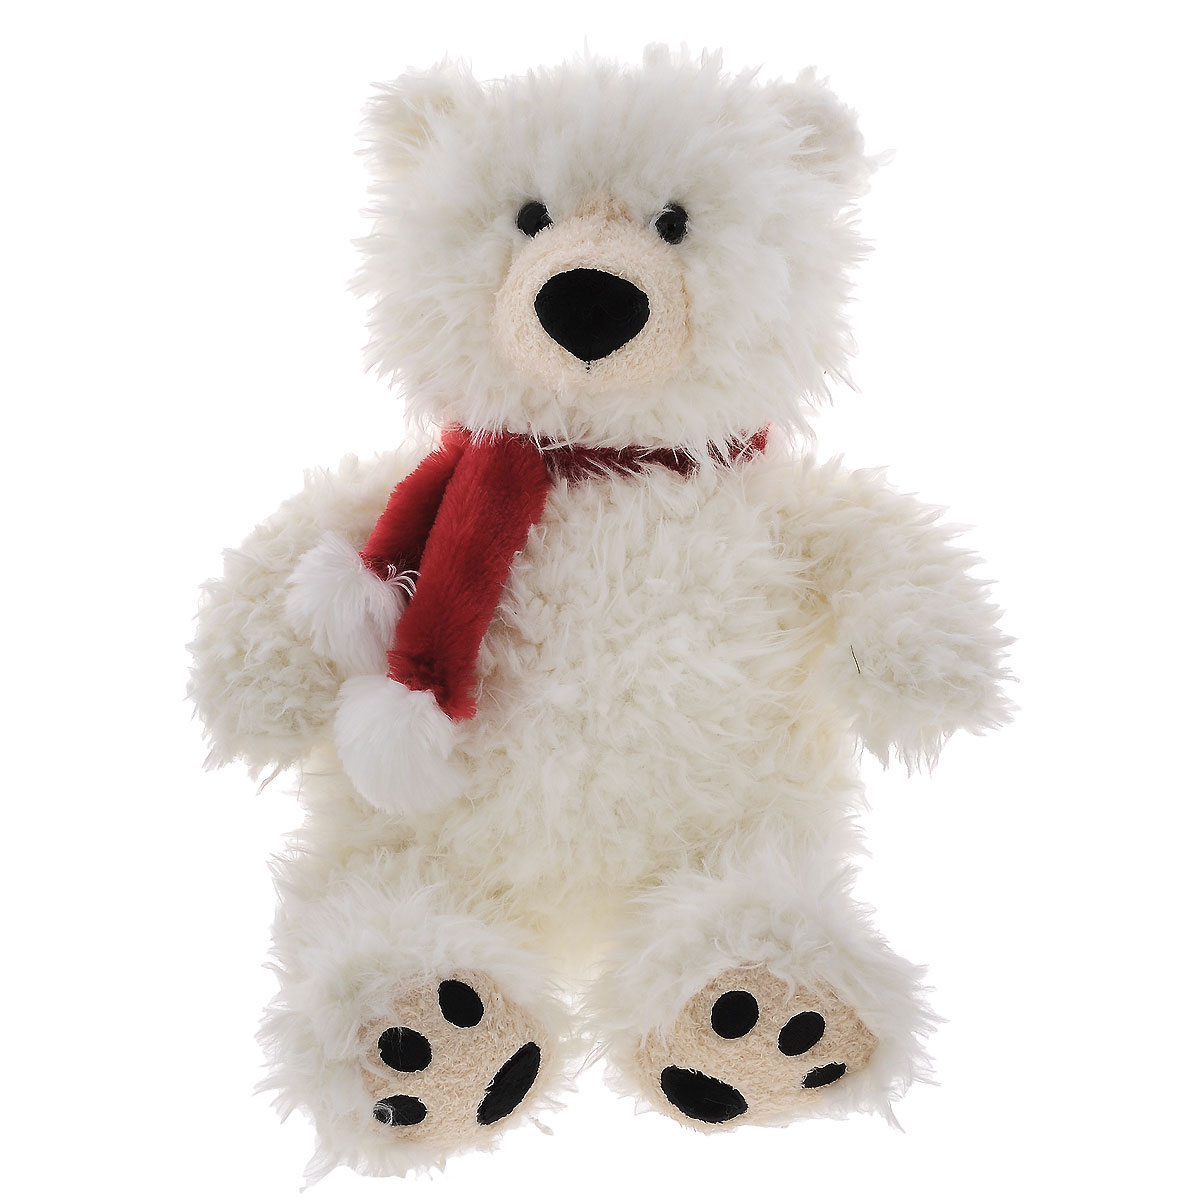 Plush Apple Мягкая игрушка Полярный медведь с шарфом, 47 см anna club plush мягкая игрушка бассет хаунд 18 см